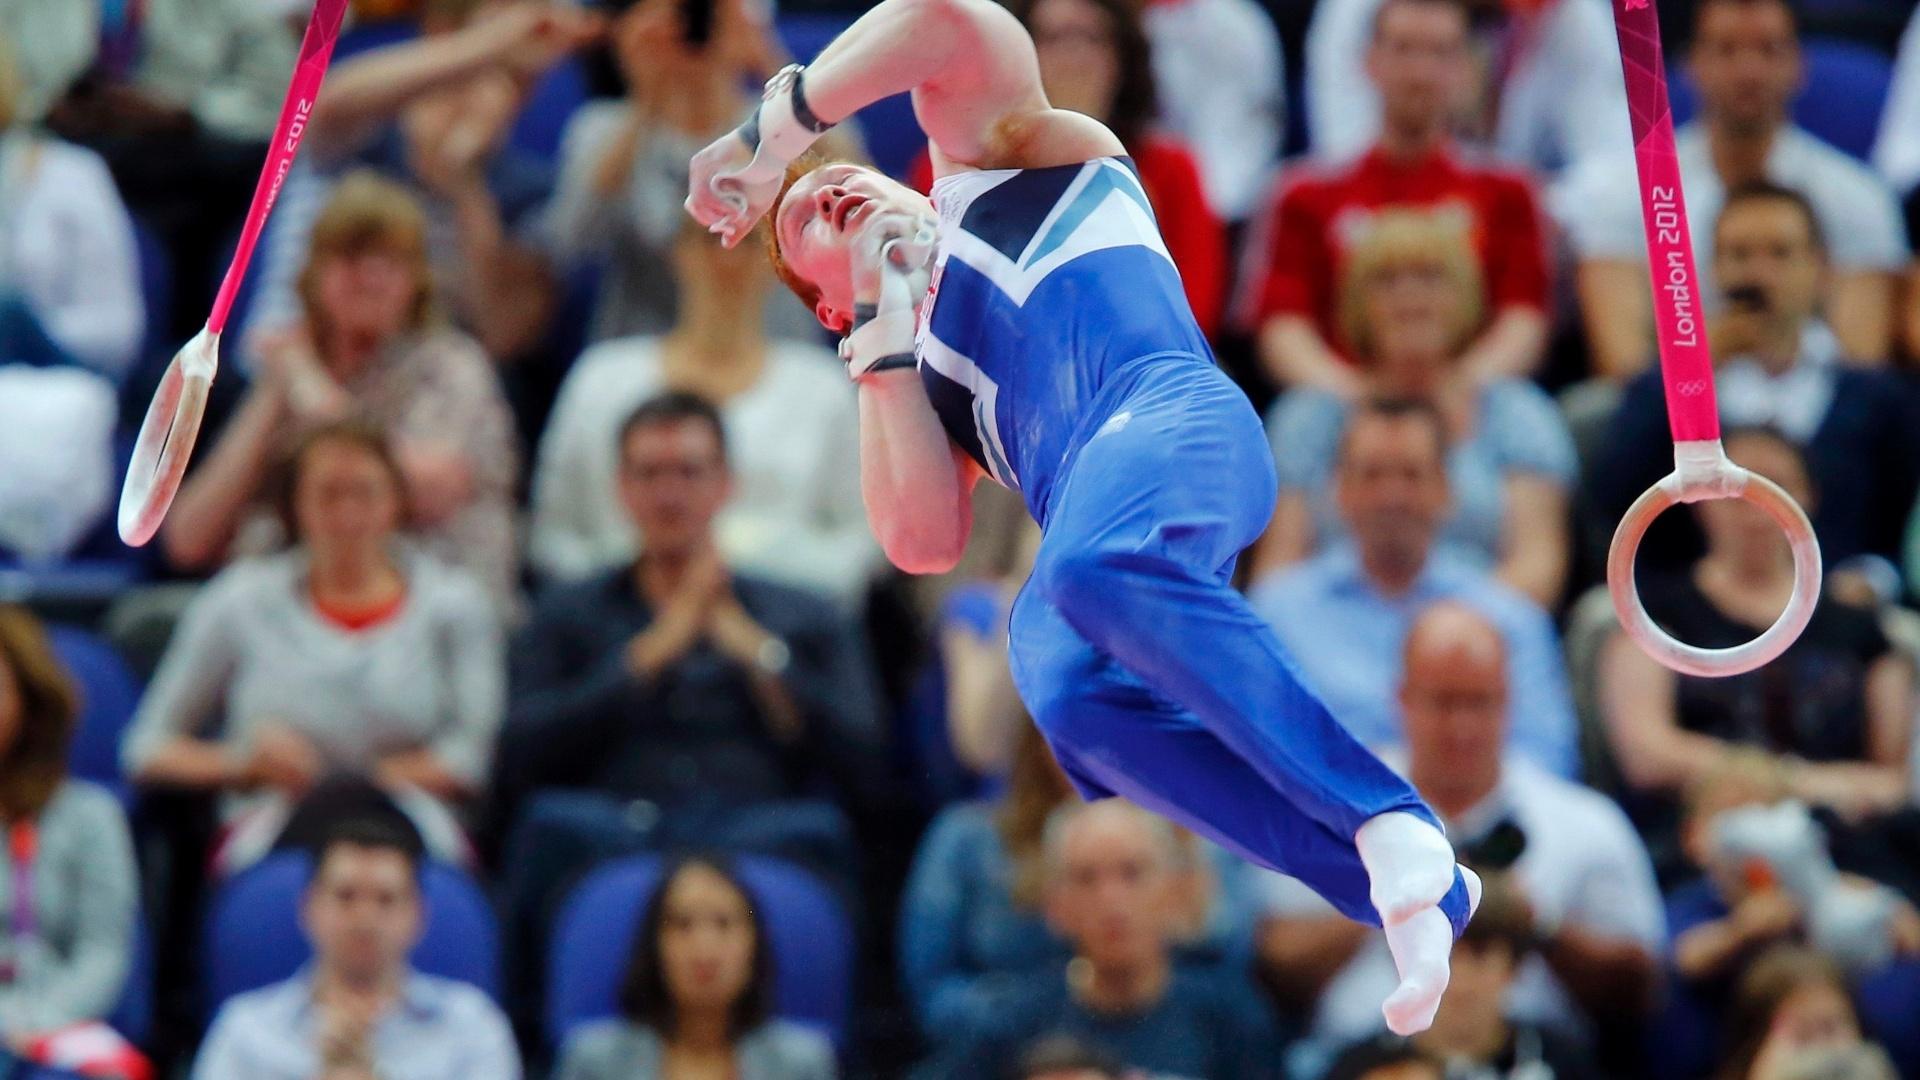 Britânico Daniel Purvis largas as argolas e encerra sua série na final masculina de individual geral da ginástica artística